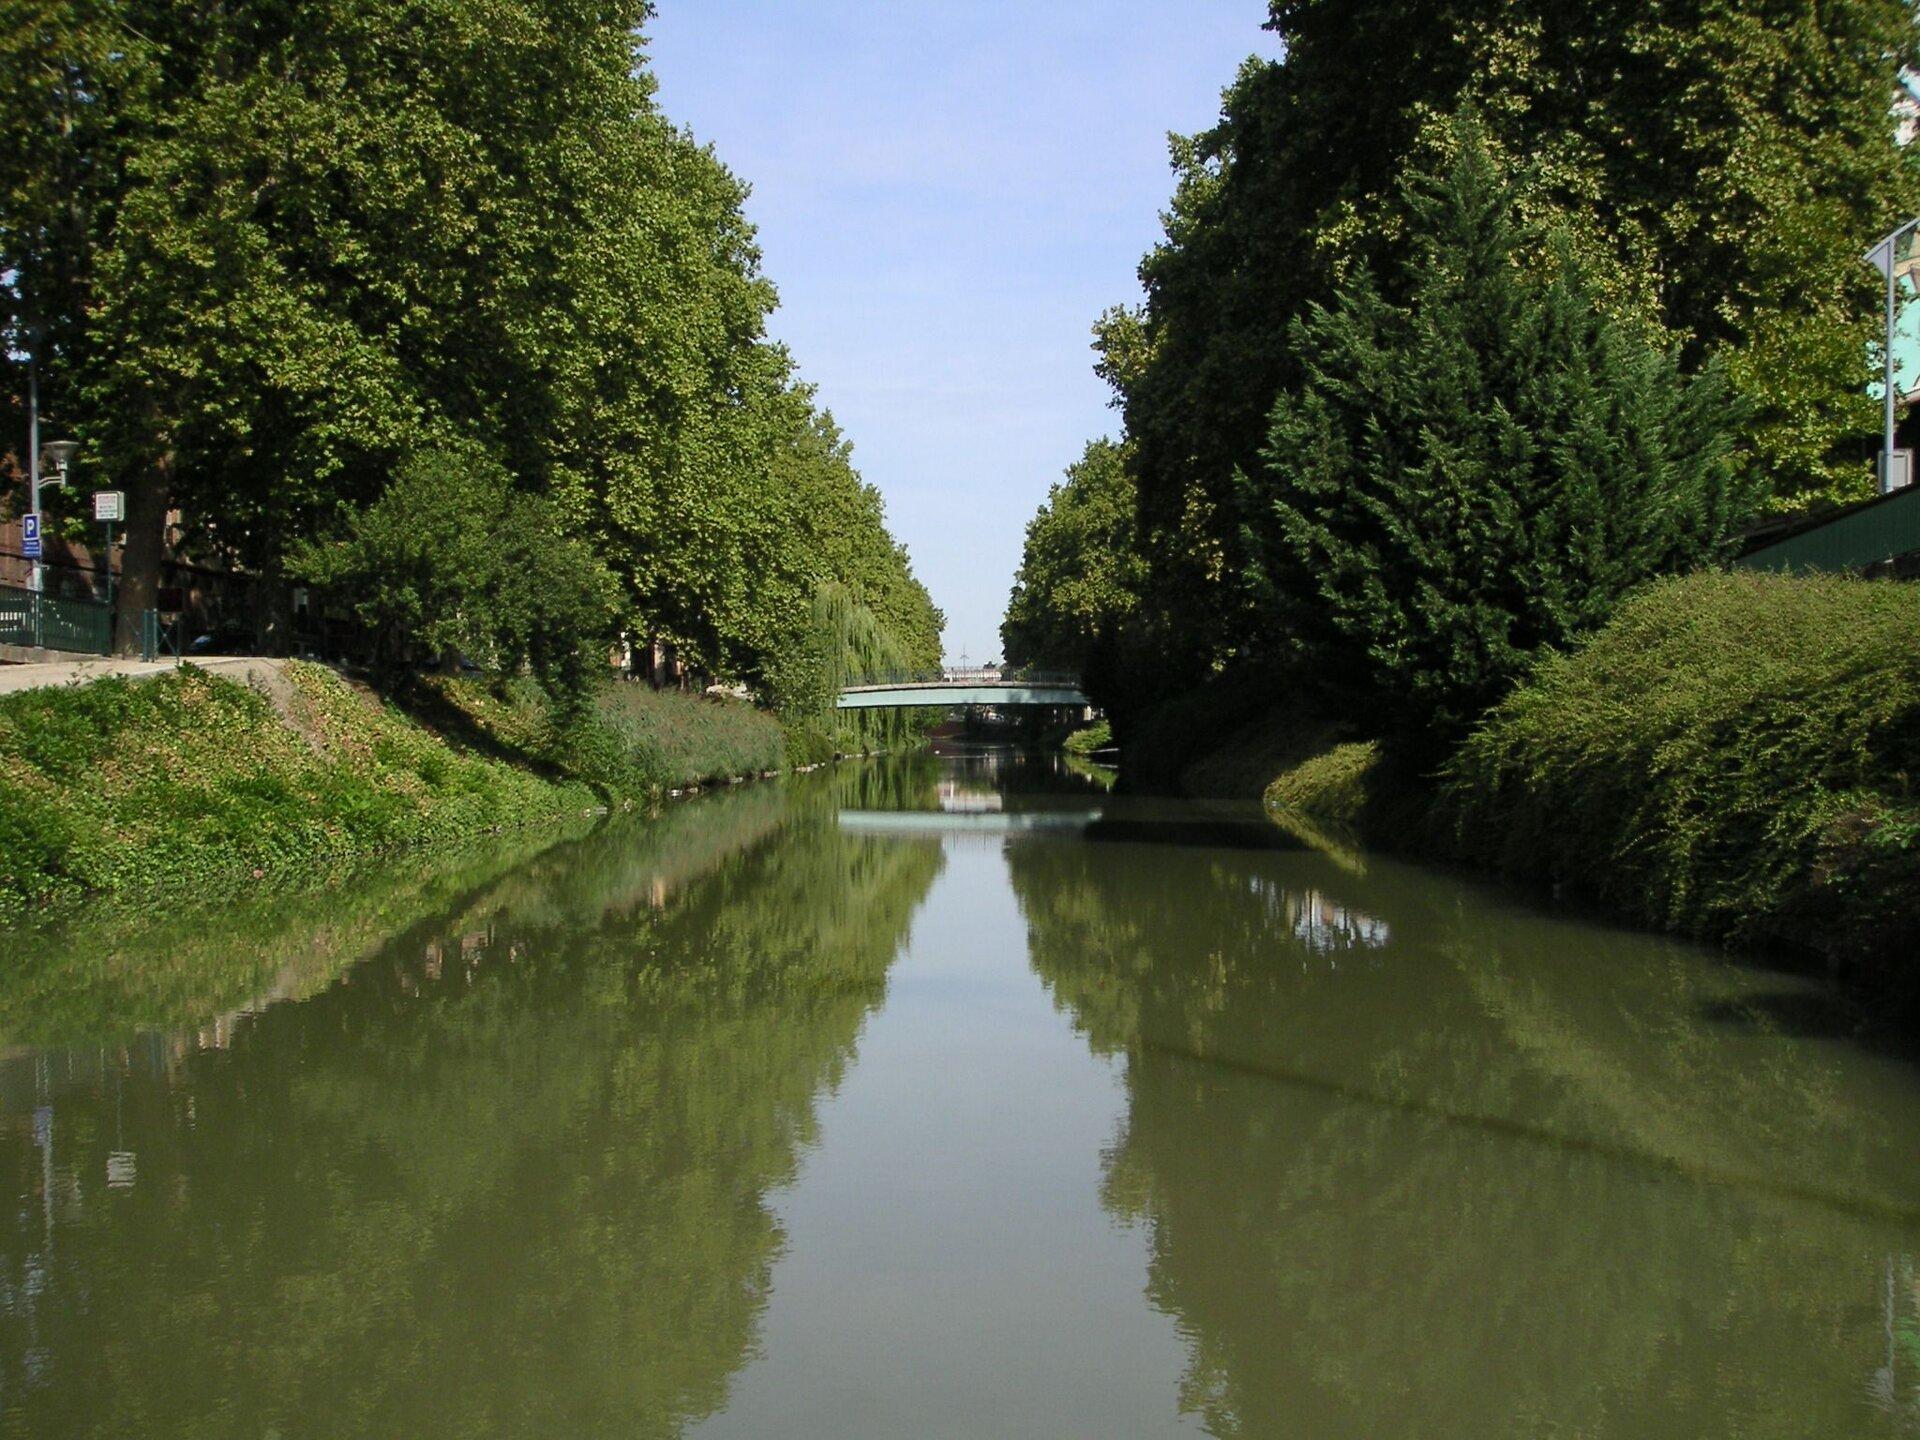 Kanał południowy we Francji – powstał wXVII w. Kanał południowy we Francji – powstał wXVII w. Źródło: Wojsyl, Wikimedia Commons, licencja: CC BY-SA 3.0.